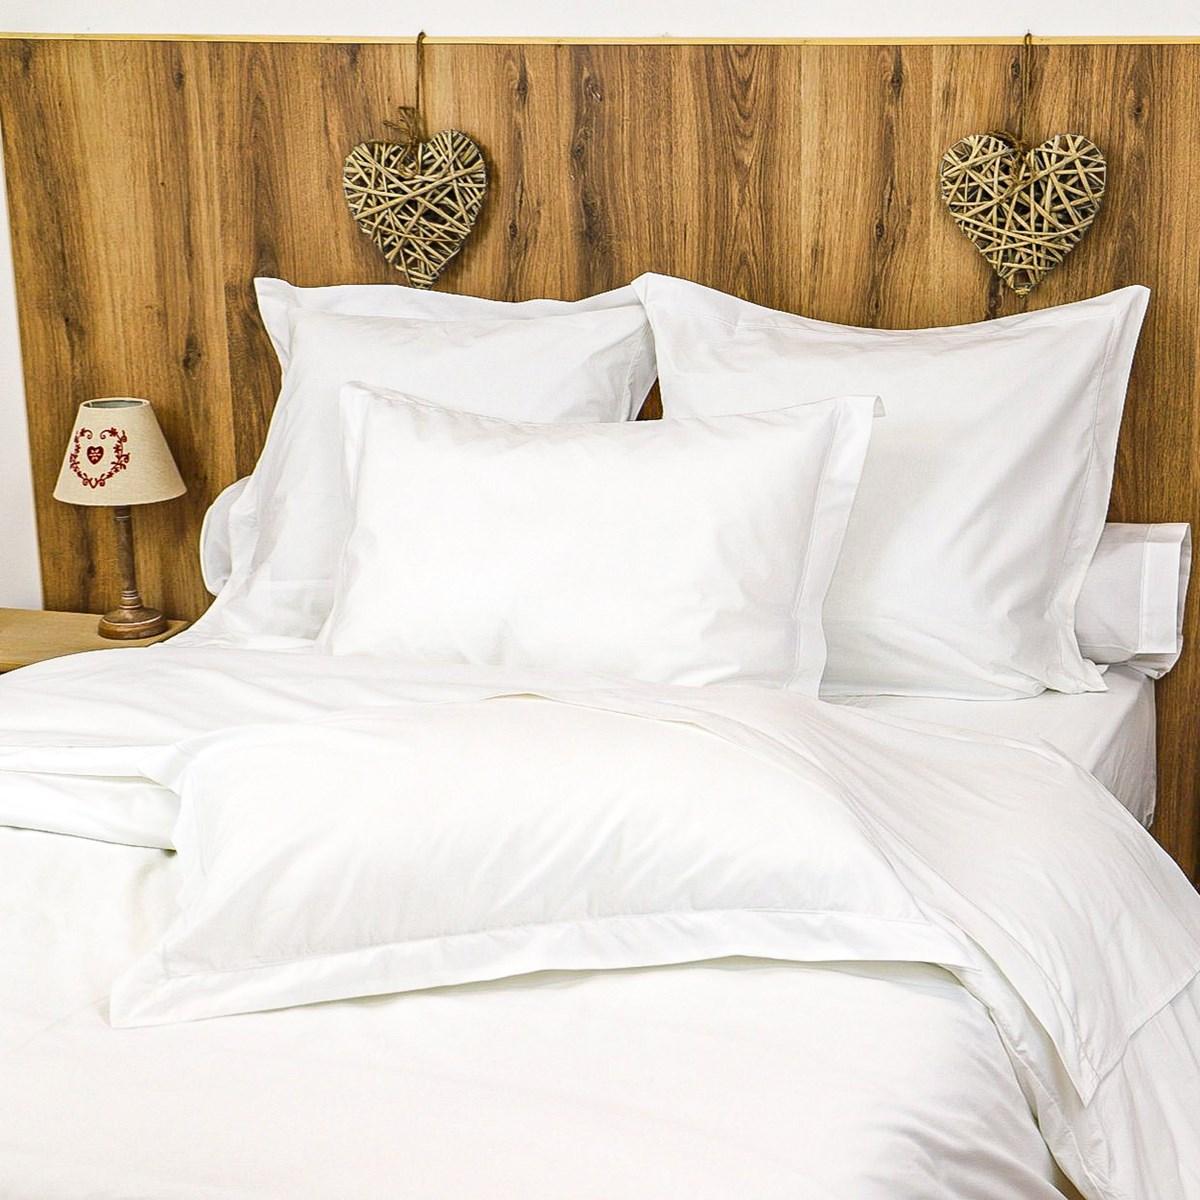 Parure drap plat et taies en percale de coton blanc 240x290 cm